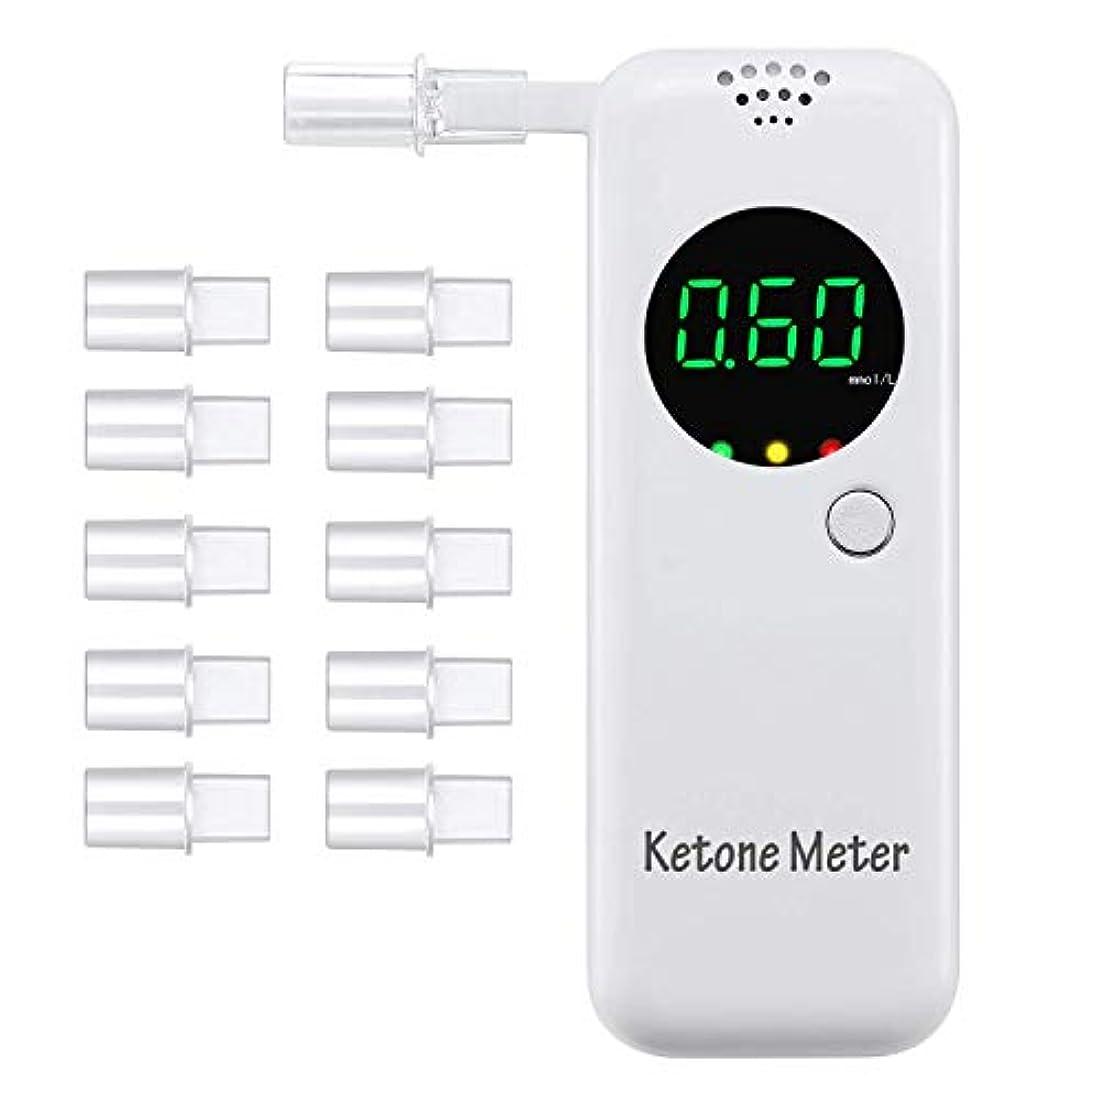 シエスタ高度おもてなしブレスチェッカー Ketosis 検知器 測定器 呼気 息吹き式 呼吸式 ケトンテスター ケトンテスター keto検査 ケトンセンサー 5個マウスピース